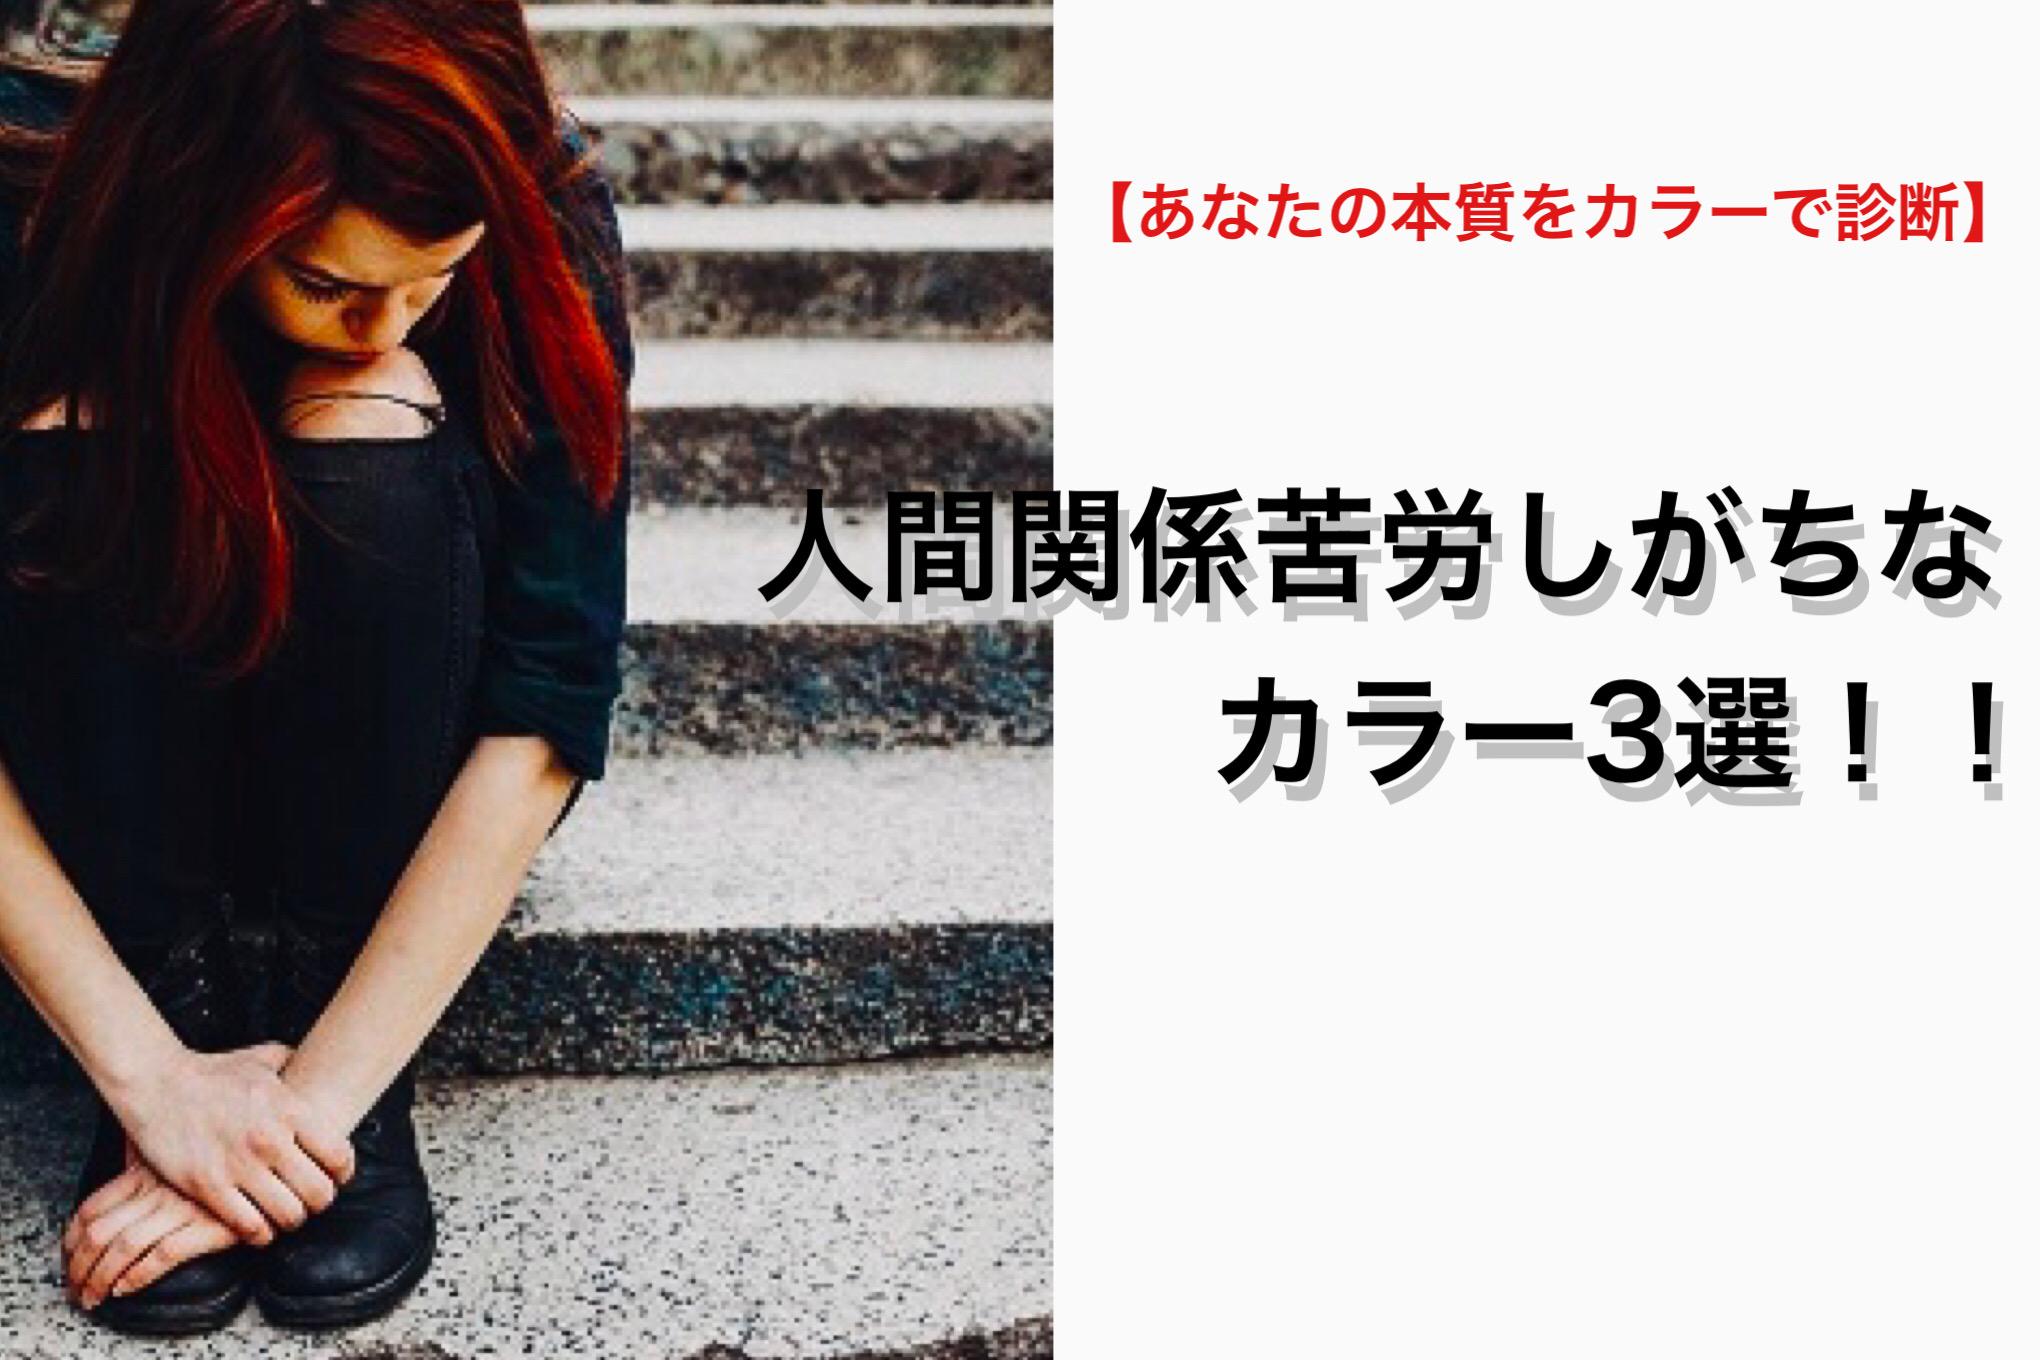 人間関係苦労しがちなカラー3選!!